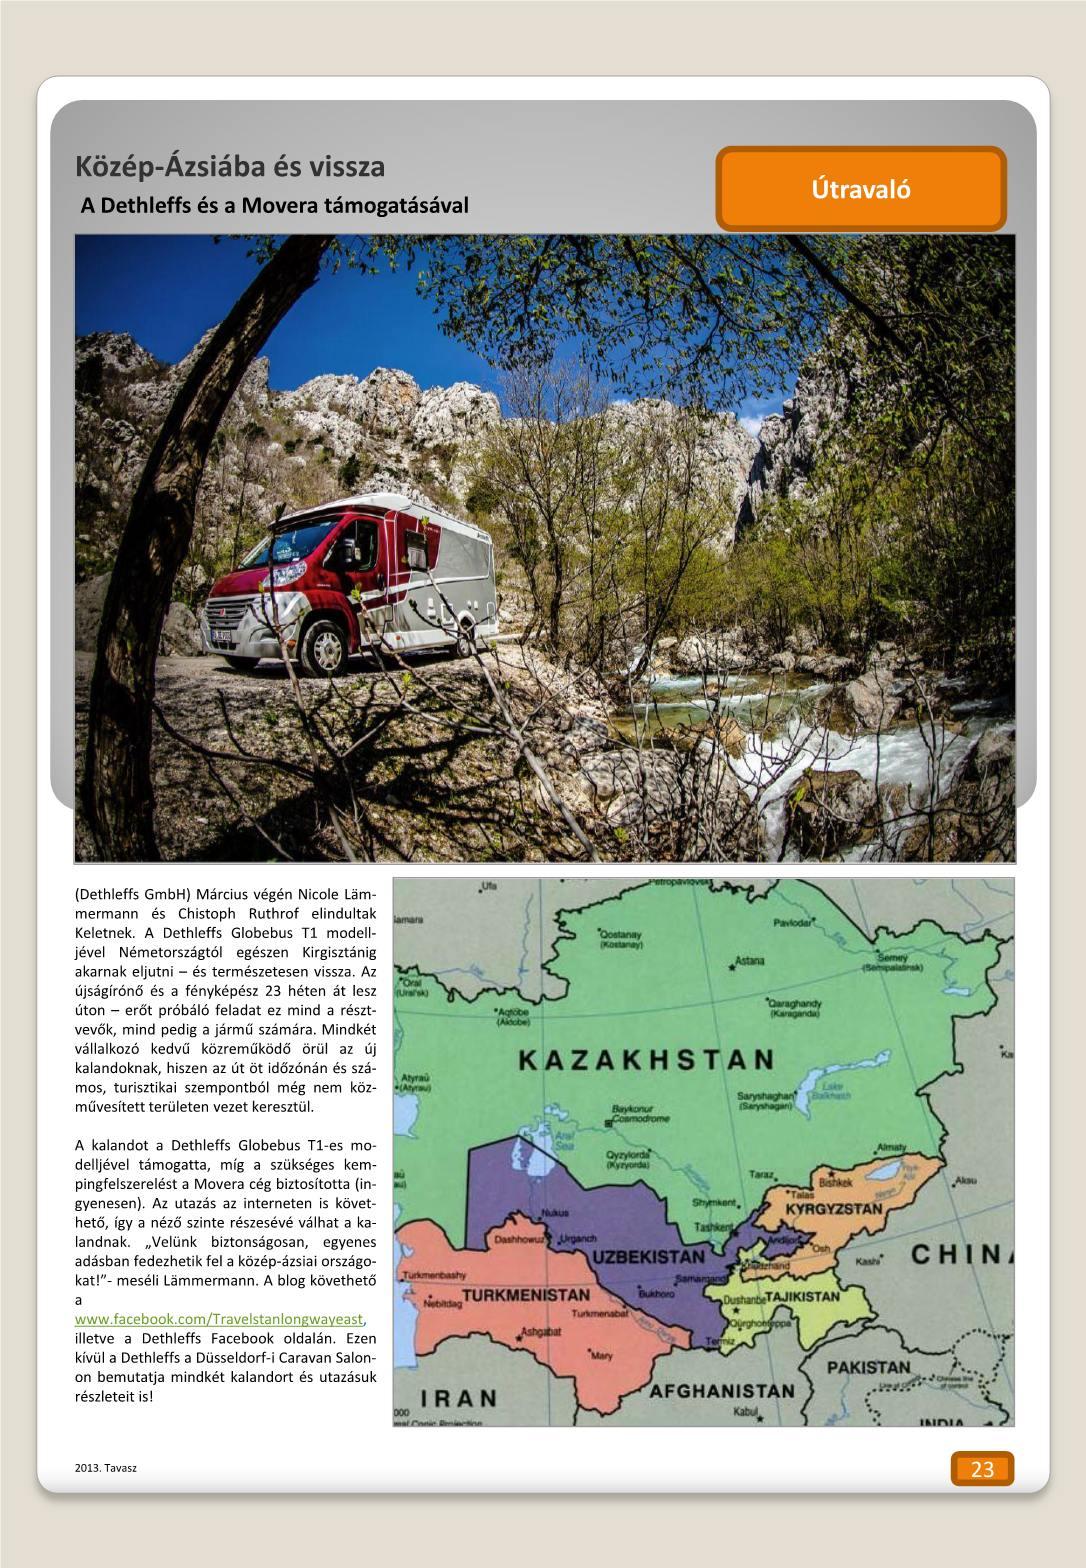 Útravaló - Közép Ázsiába és vissza